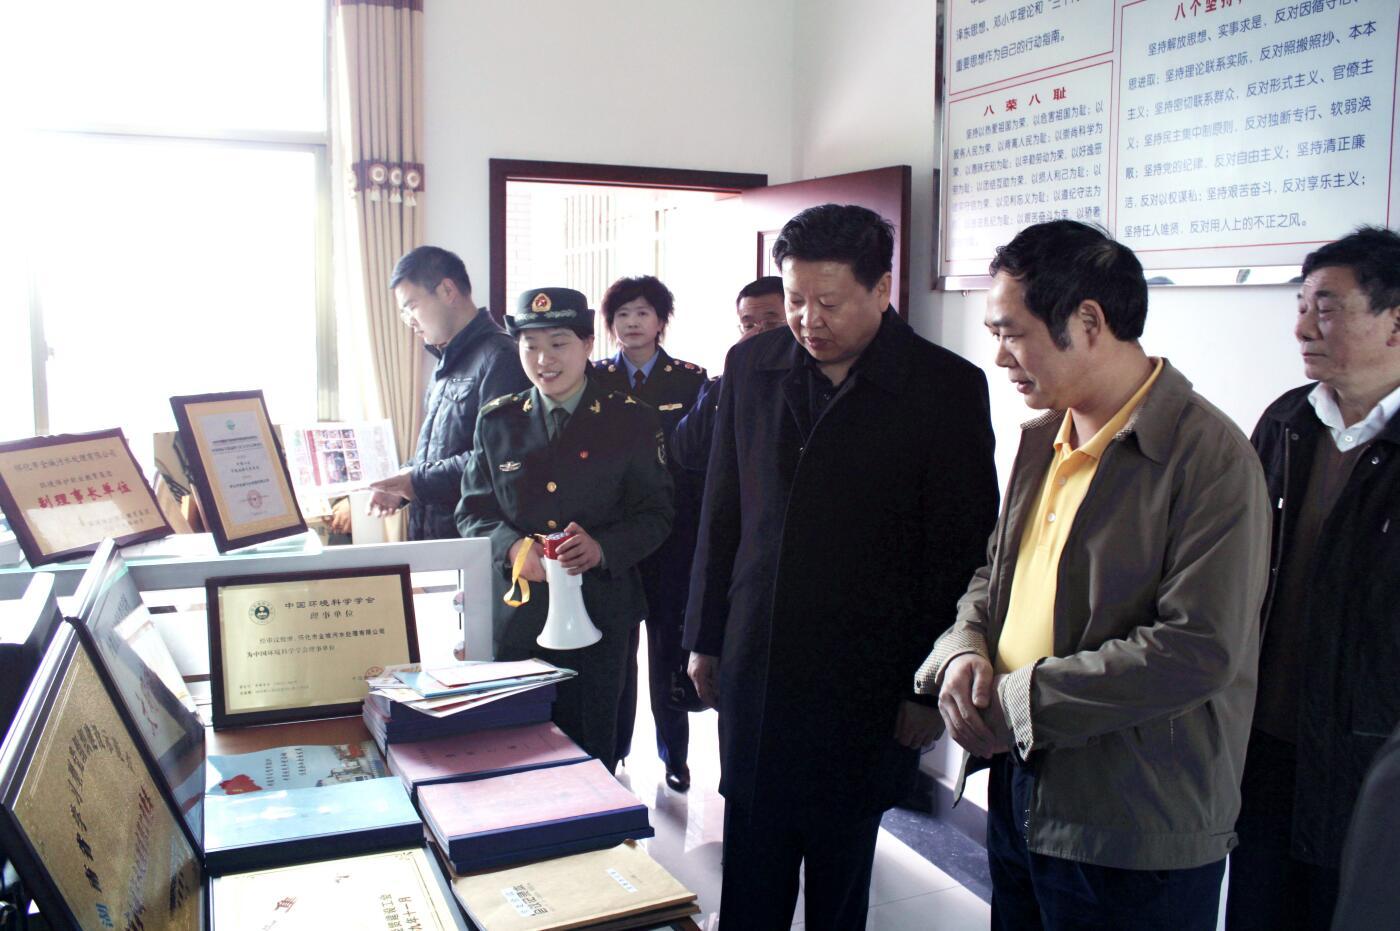 2011年3月,國家工商局總局個體司司長李玉家受中央組織部委托視察公司黨建工作.JPG